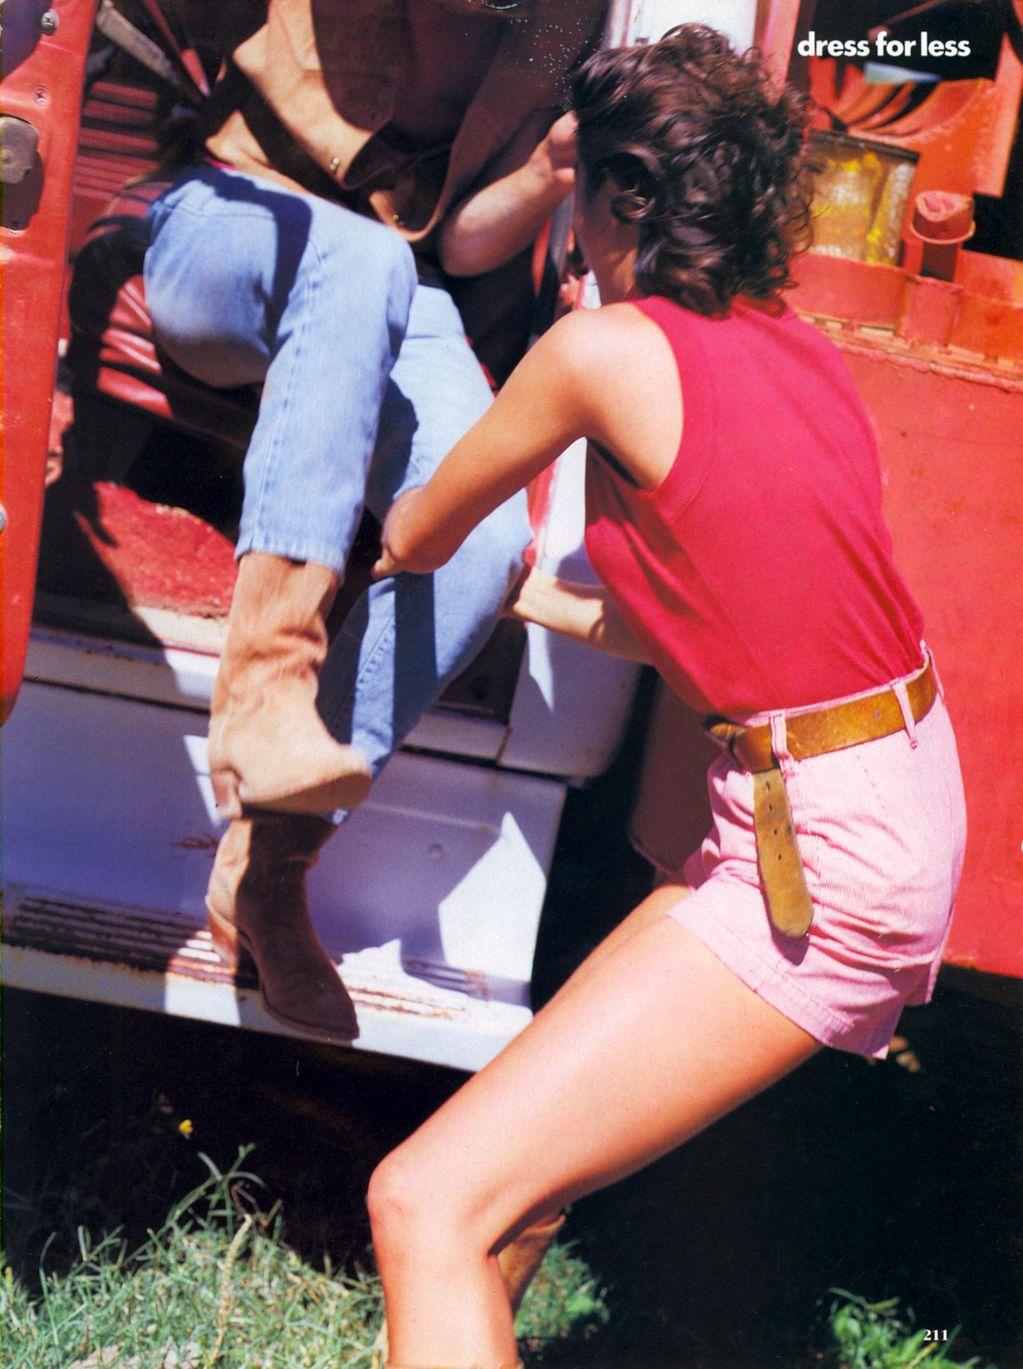 Vogue (US) January 1991 | Dress For Less - ingham Checks In 08.jpg